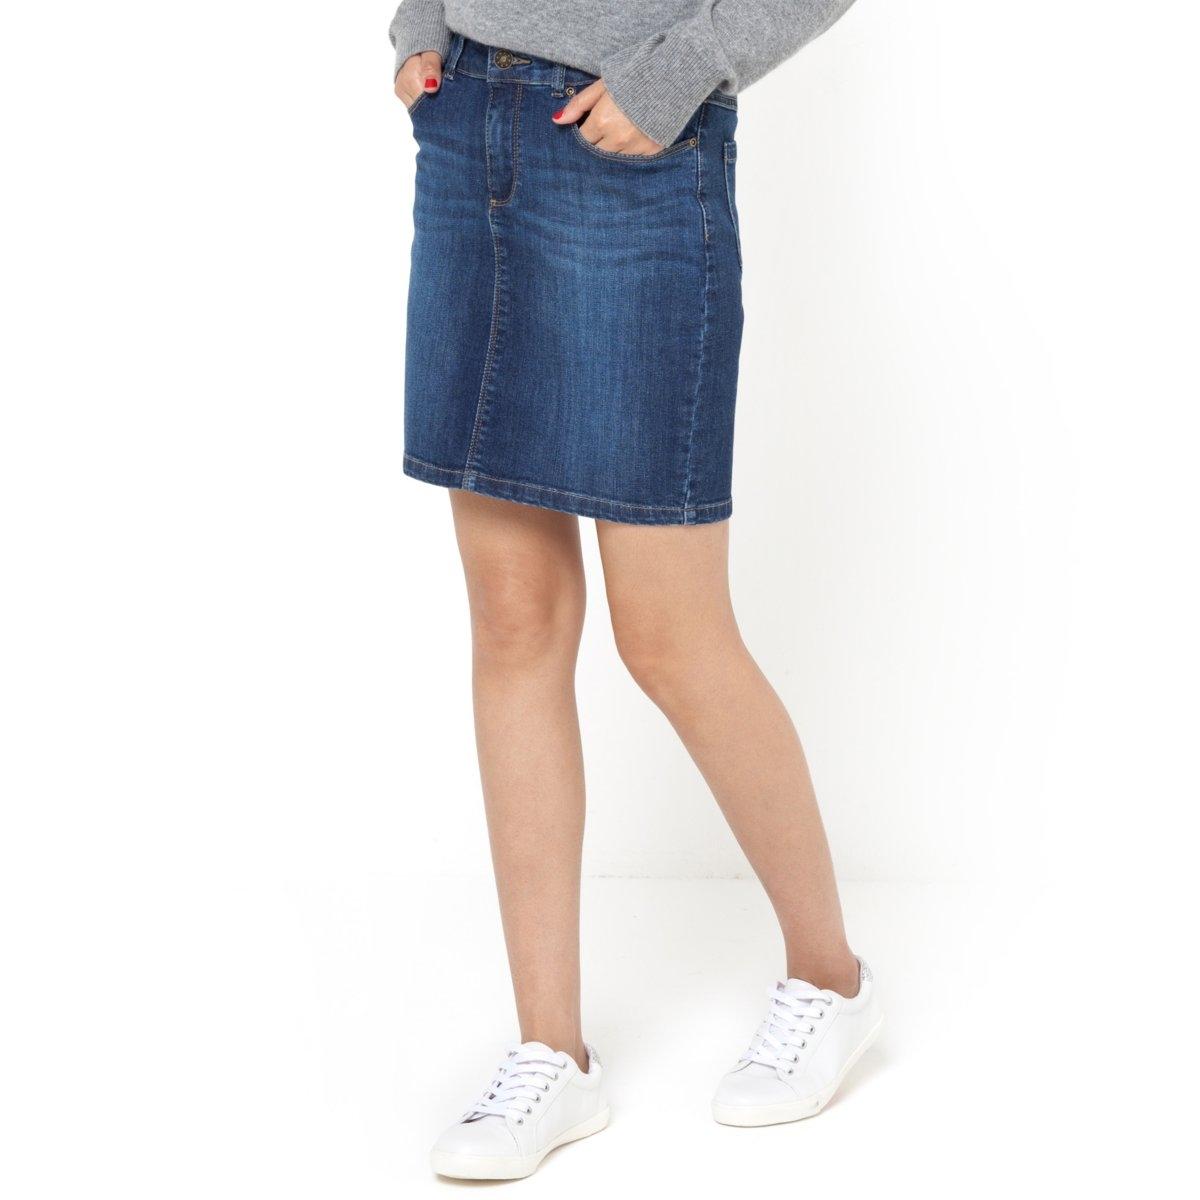 Юбка джинсовая стретчДжинсовая юбка стретч с 5 карманами, 98% хлопока и 2% эластана для максимального комфорта. Пояс со шлевками. Застежка на молнию и пуговицу. Длина 40 см.<br><br>Цвет: синий потертый